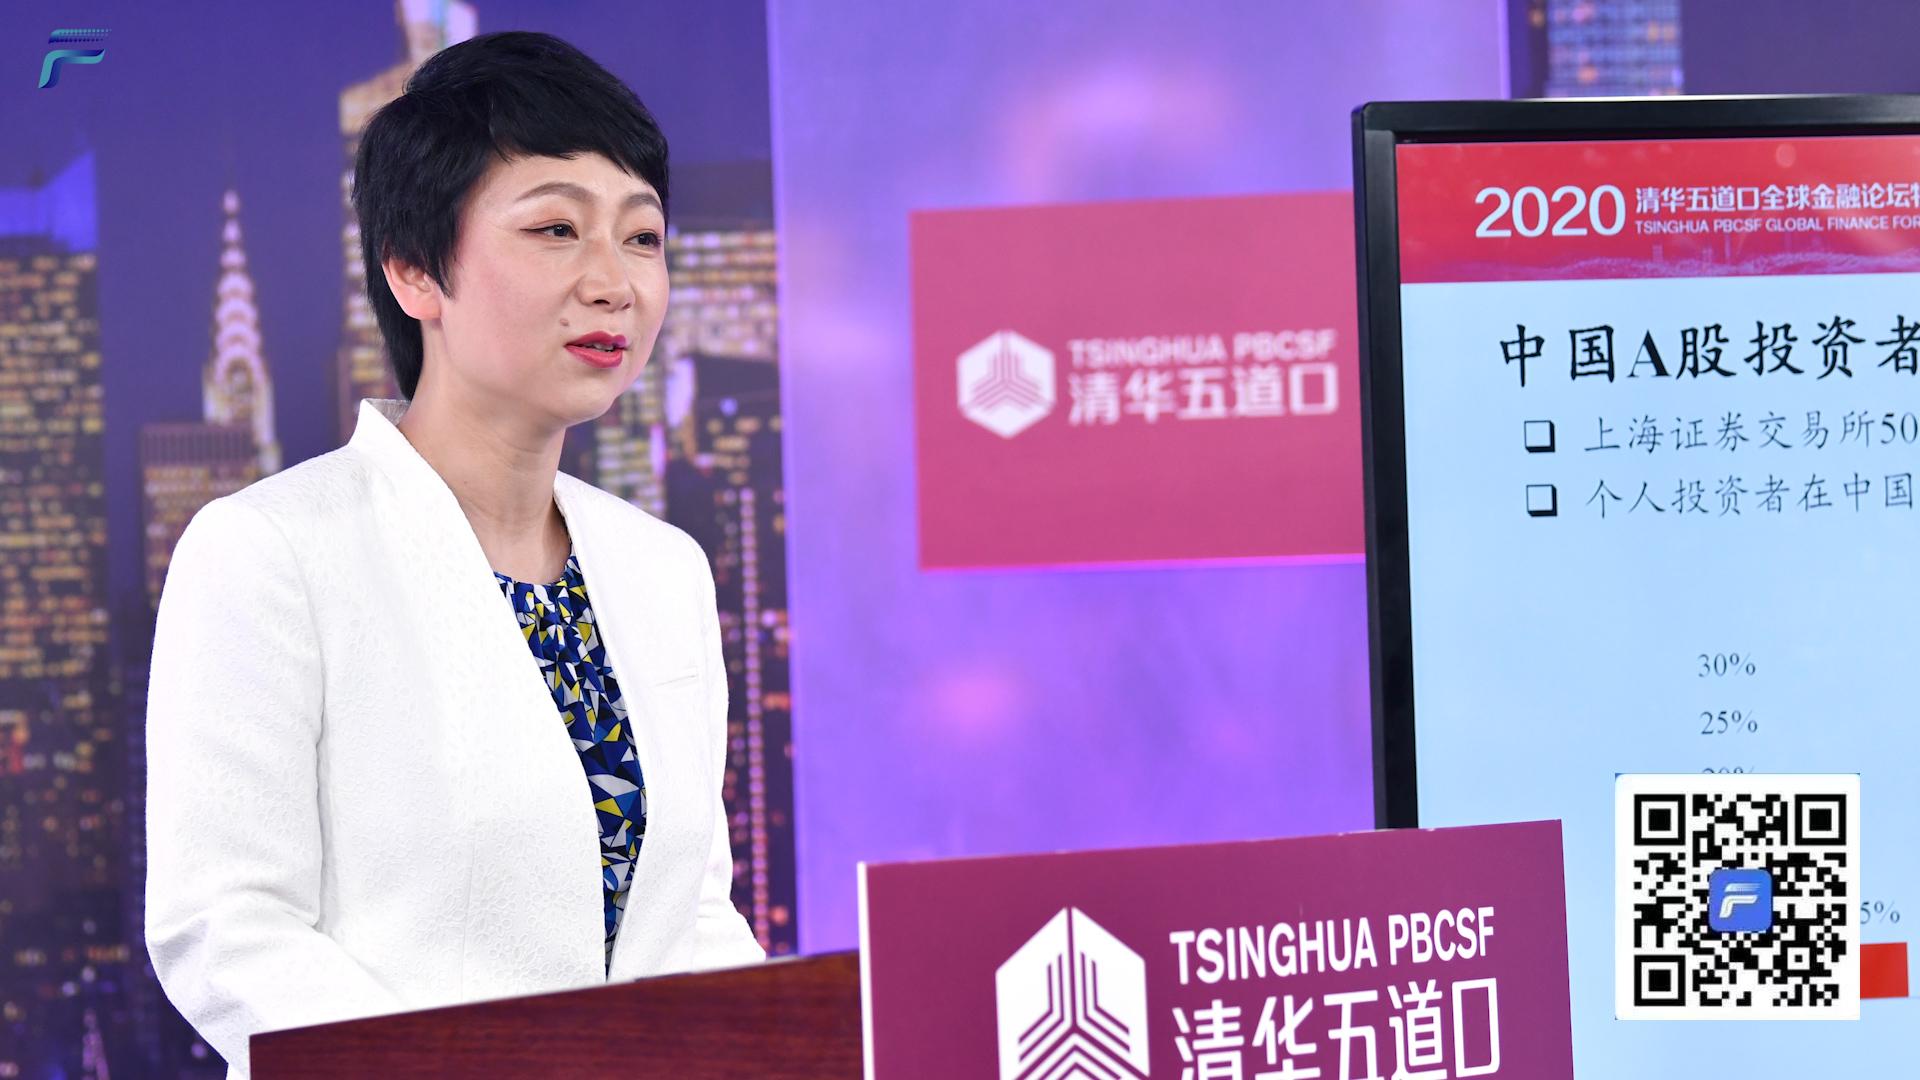 【中国财富报道】张晓燕:追求长期财富增长要有理性投资方法